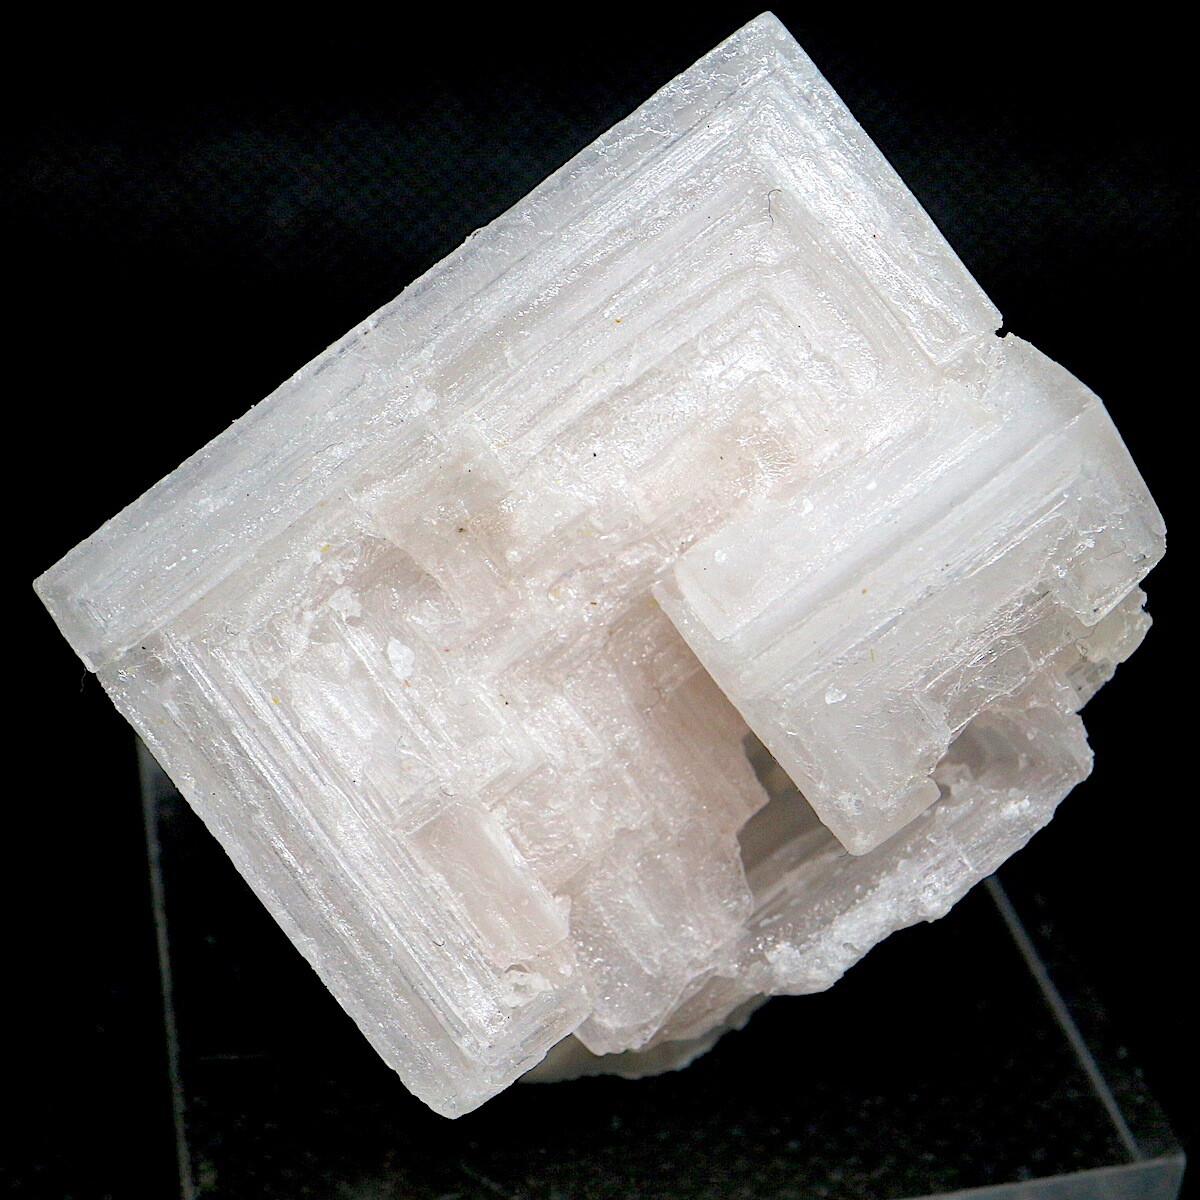 ピンクハーライト カリフォルニア産 33,4g 岩塩 PH089 鉱物 天然石 浄化 パワーストーン